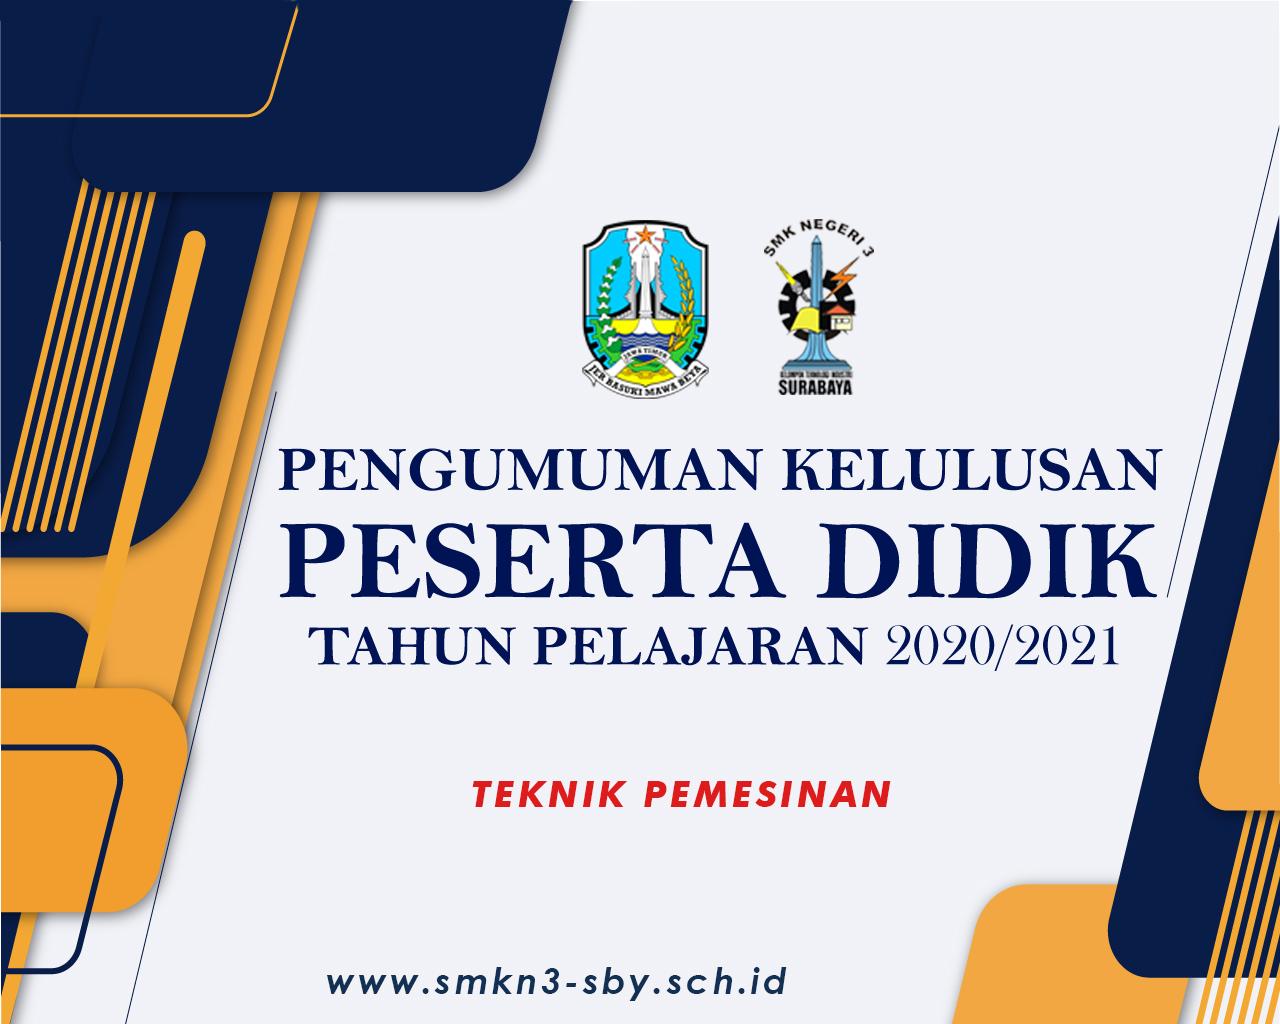 TEKNIK PEMESINAN 2020/2021